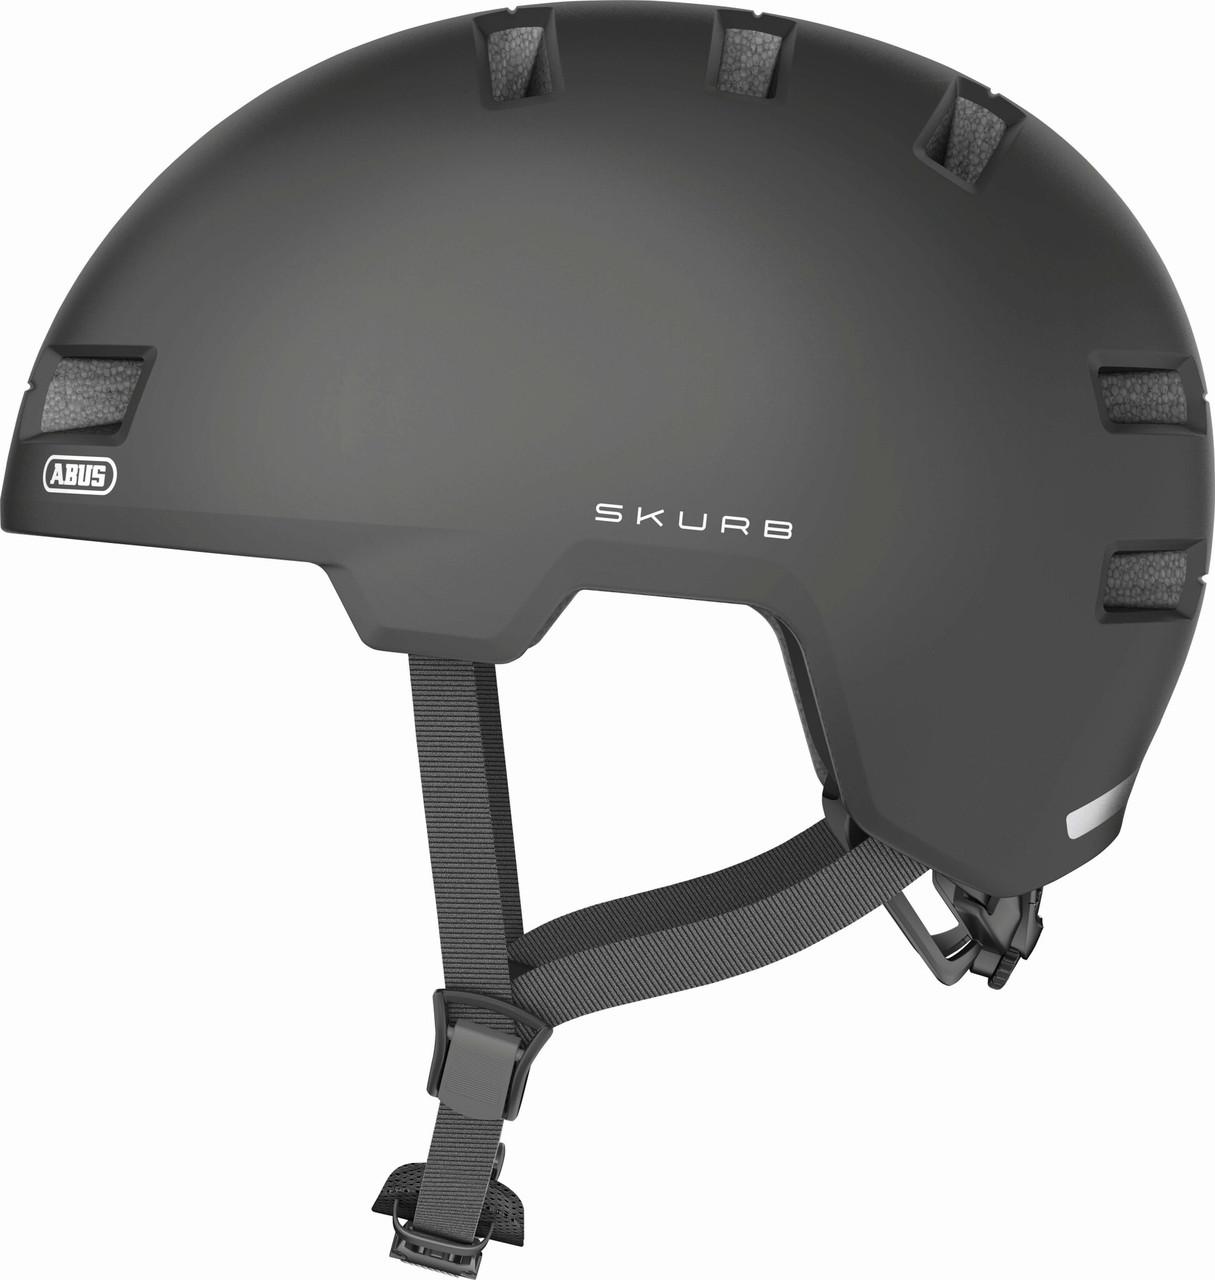 Шлем велосипедный ABUS SKURB S 52-56 Titan